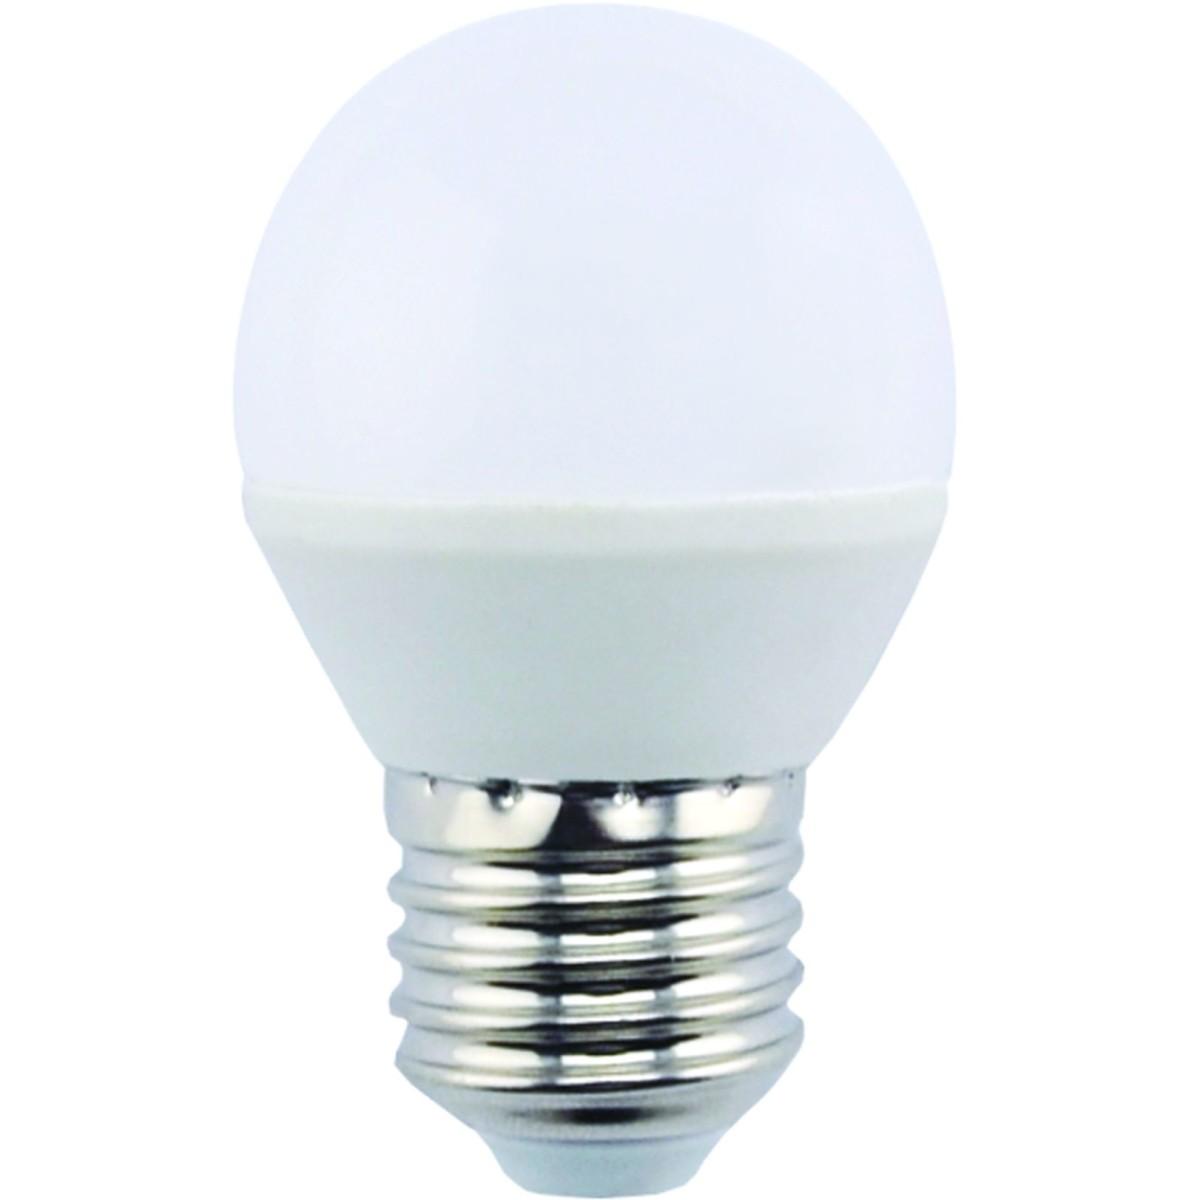 Лампа Ecola light светодионая E27 4 Вт шар 260 Лм нейтральный свет